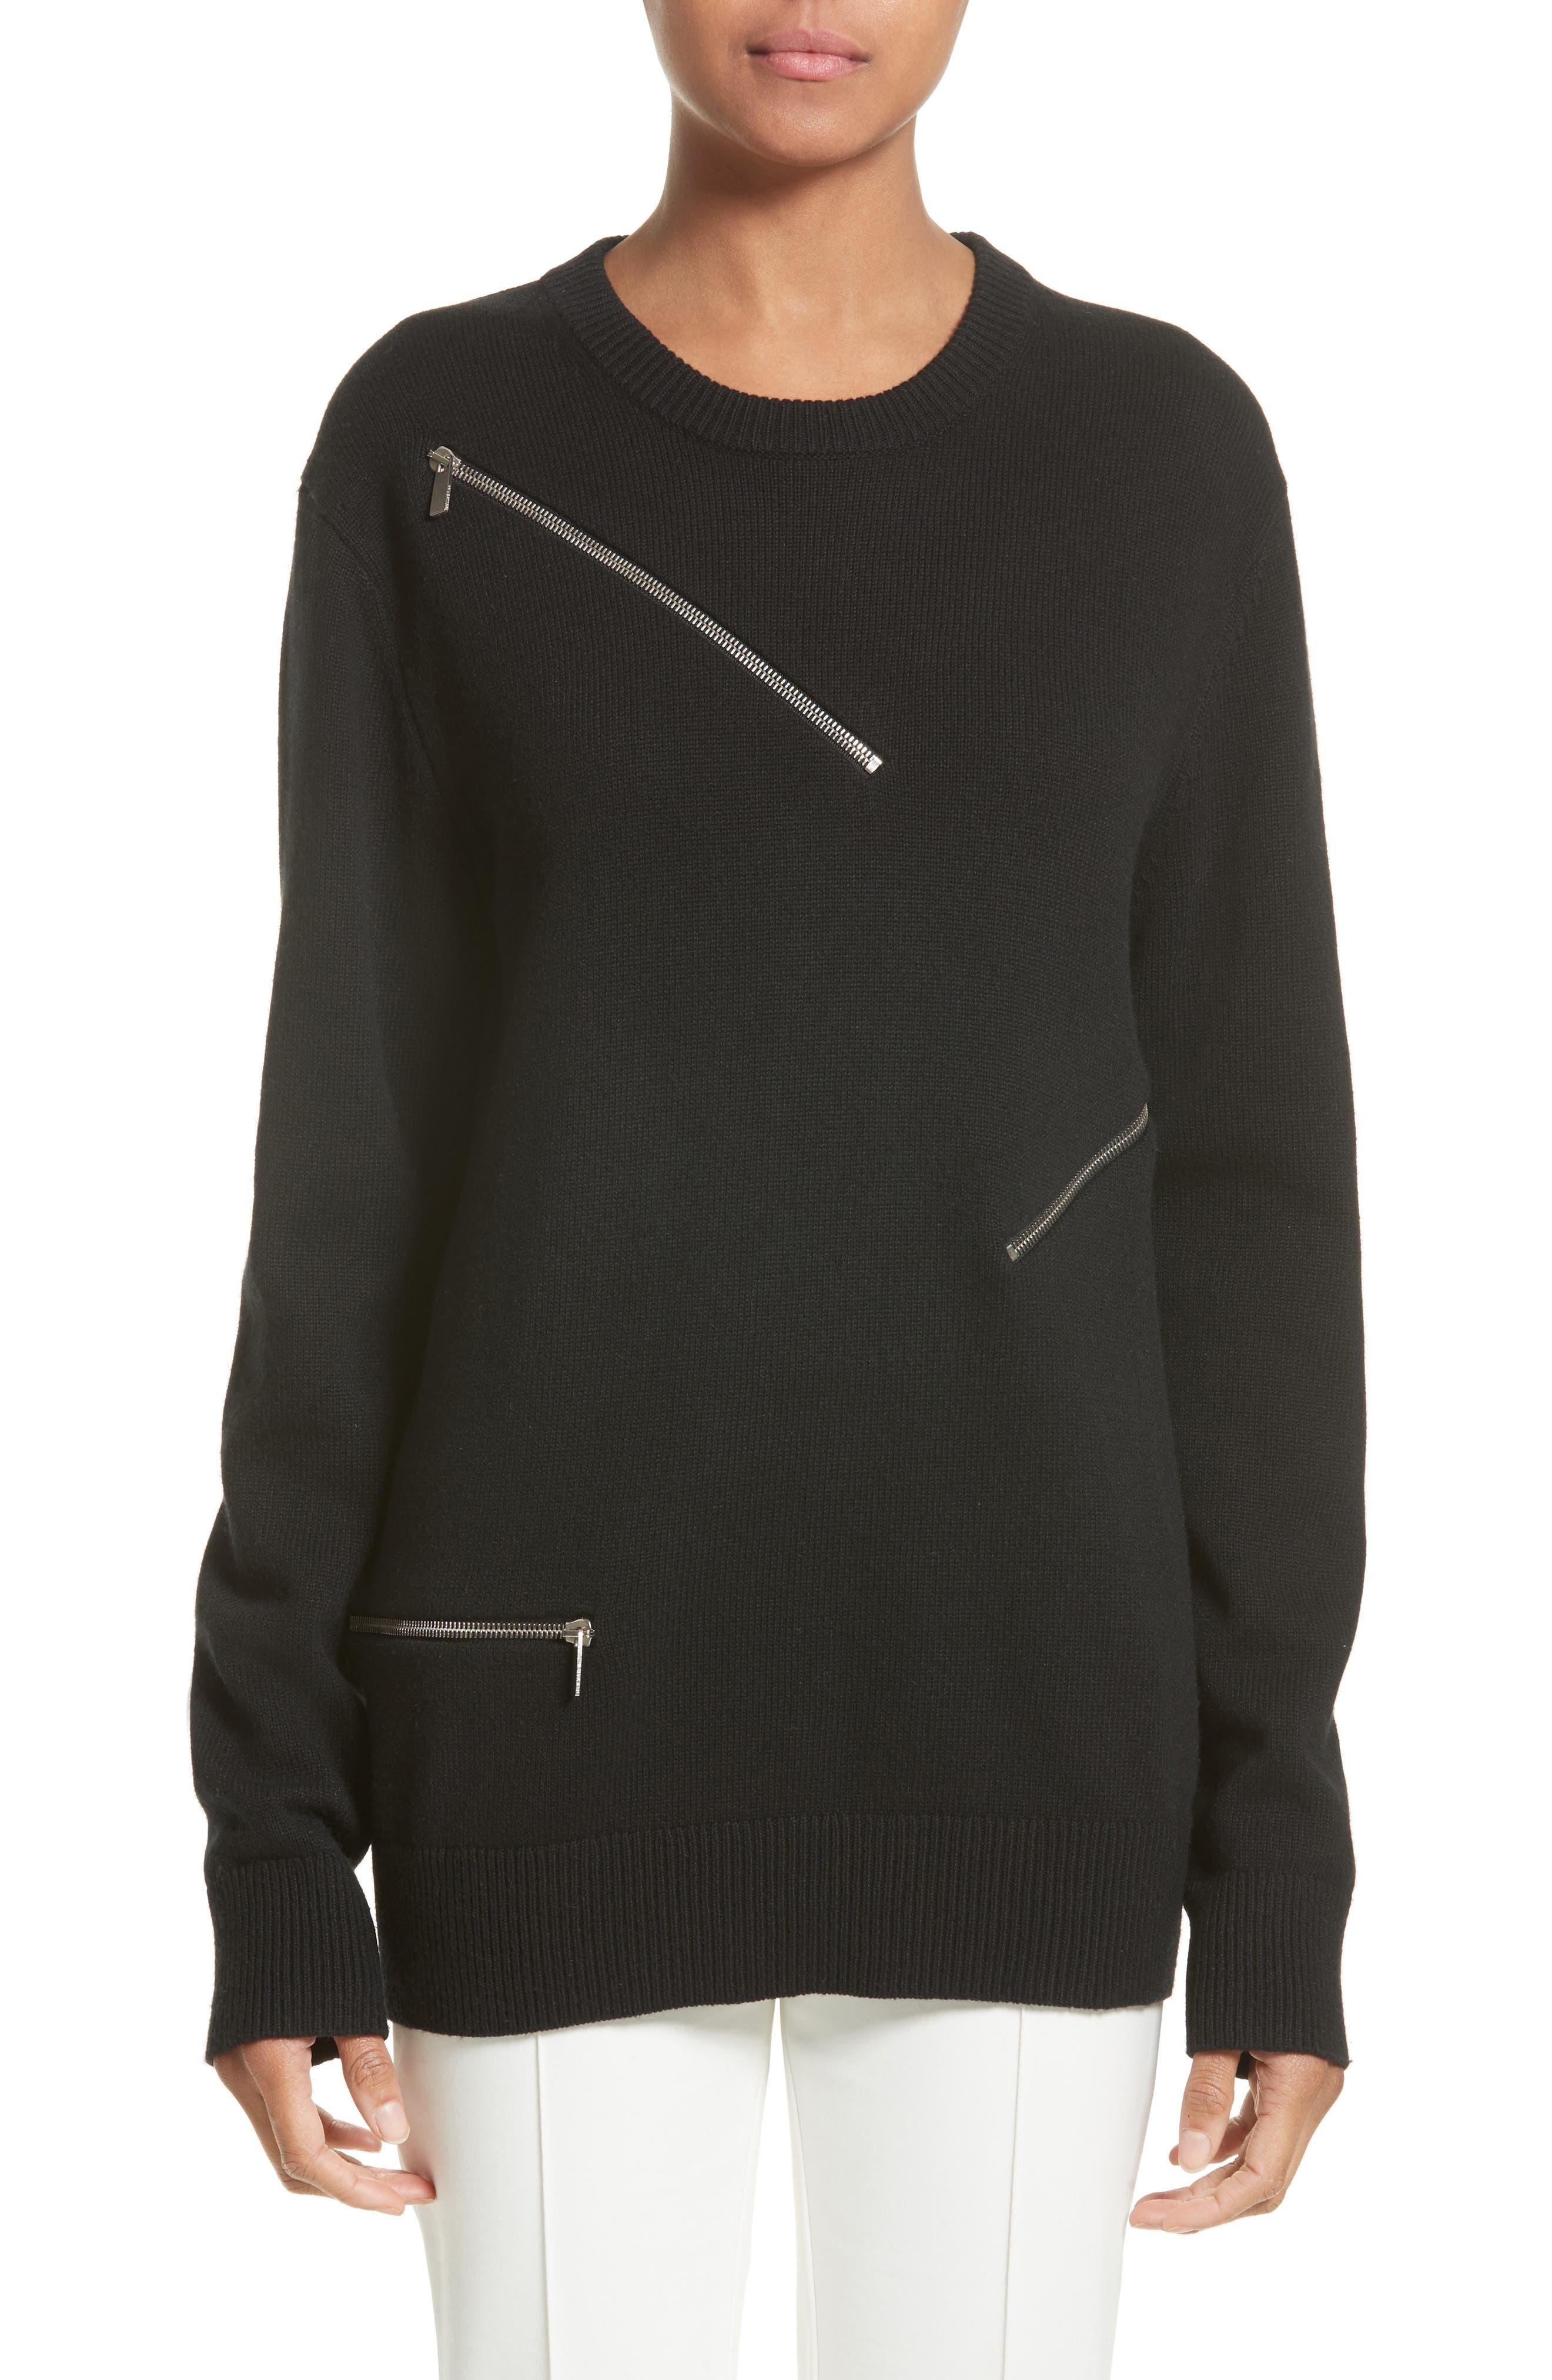 Michael Kors Zip Detail Cashmere & Cotton Sweater